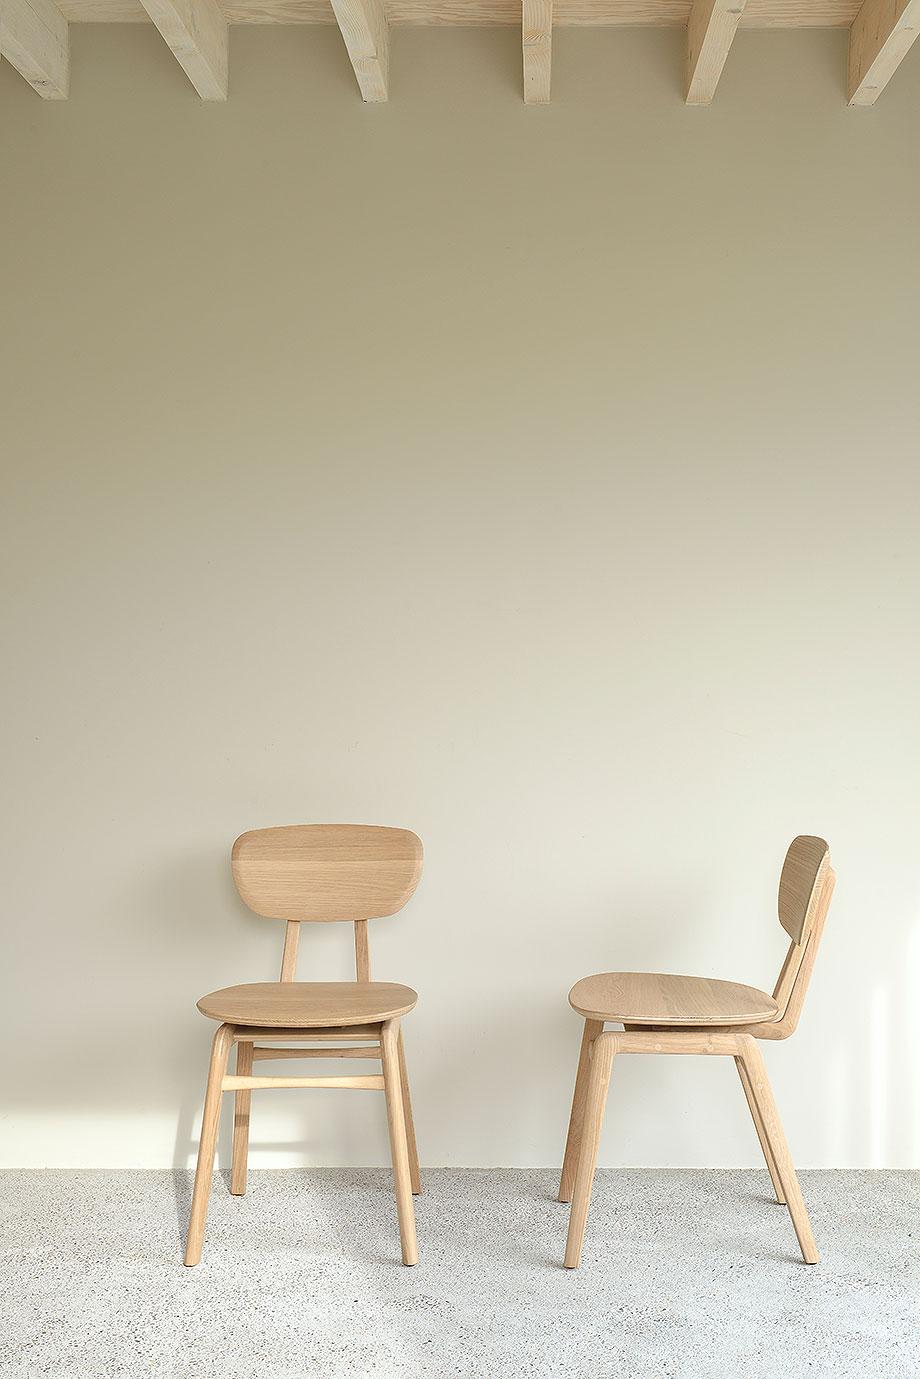 silla de comedor pebble de alain van havre para ethnicraft (2)